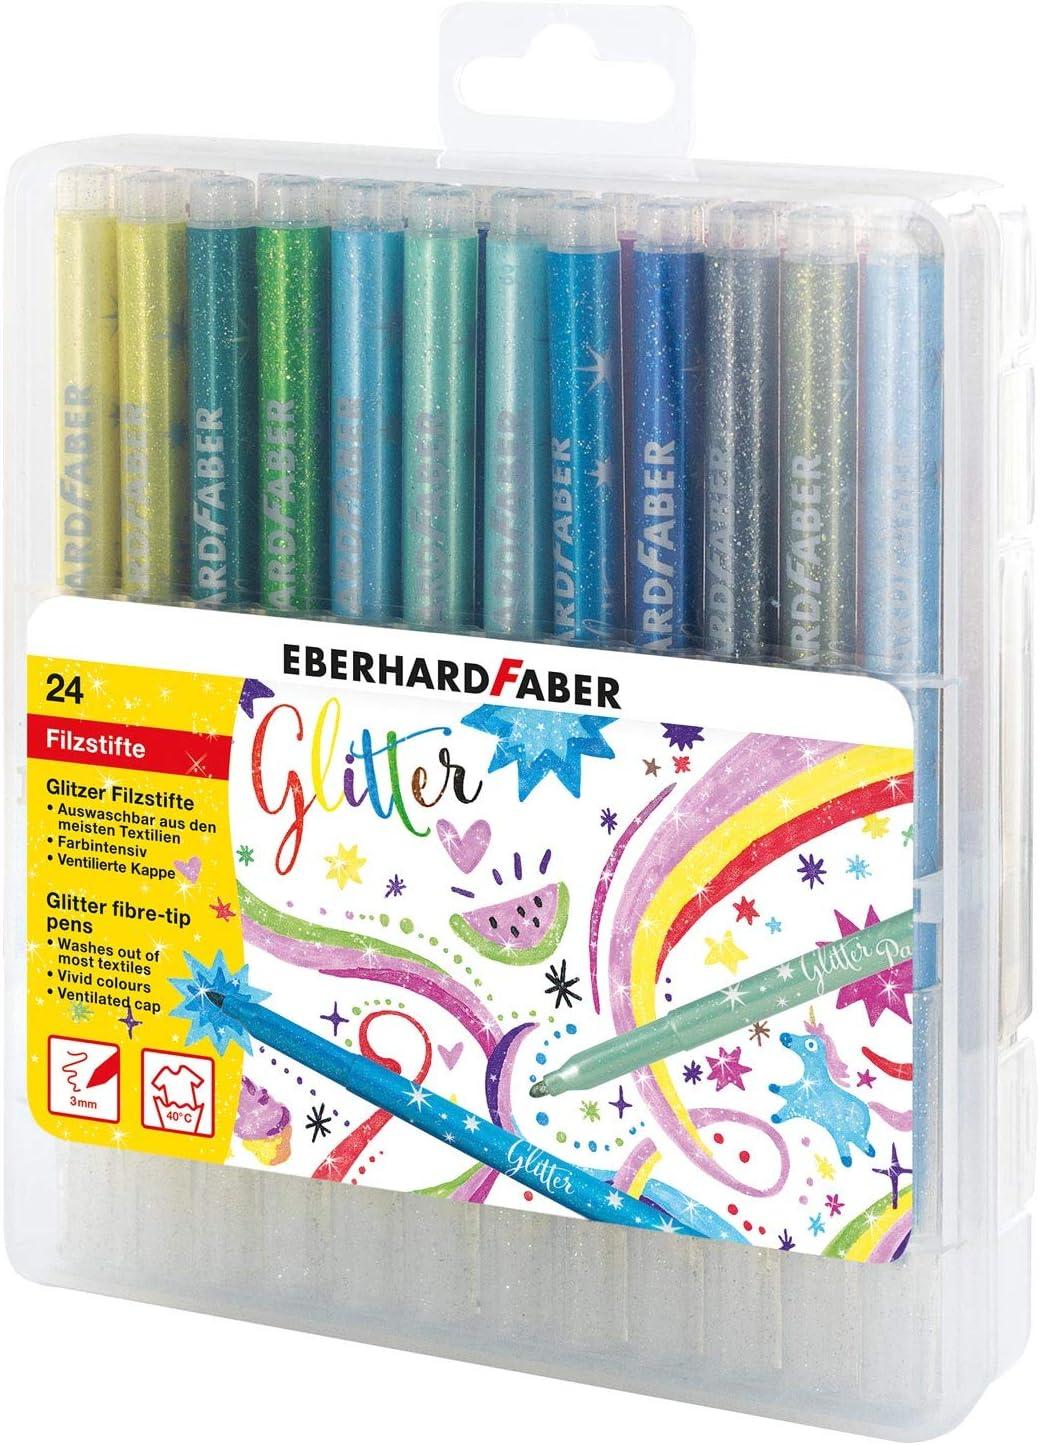 Eberhard Faber- Rotuladores de Fibra con Purpurina en una Caja de Regalo para Dibujar Colores Brillantes Aprox Grosor de Trazo de 3 mm Manualidades y Escribir. 24 Unidades Colorear 551024